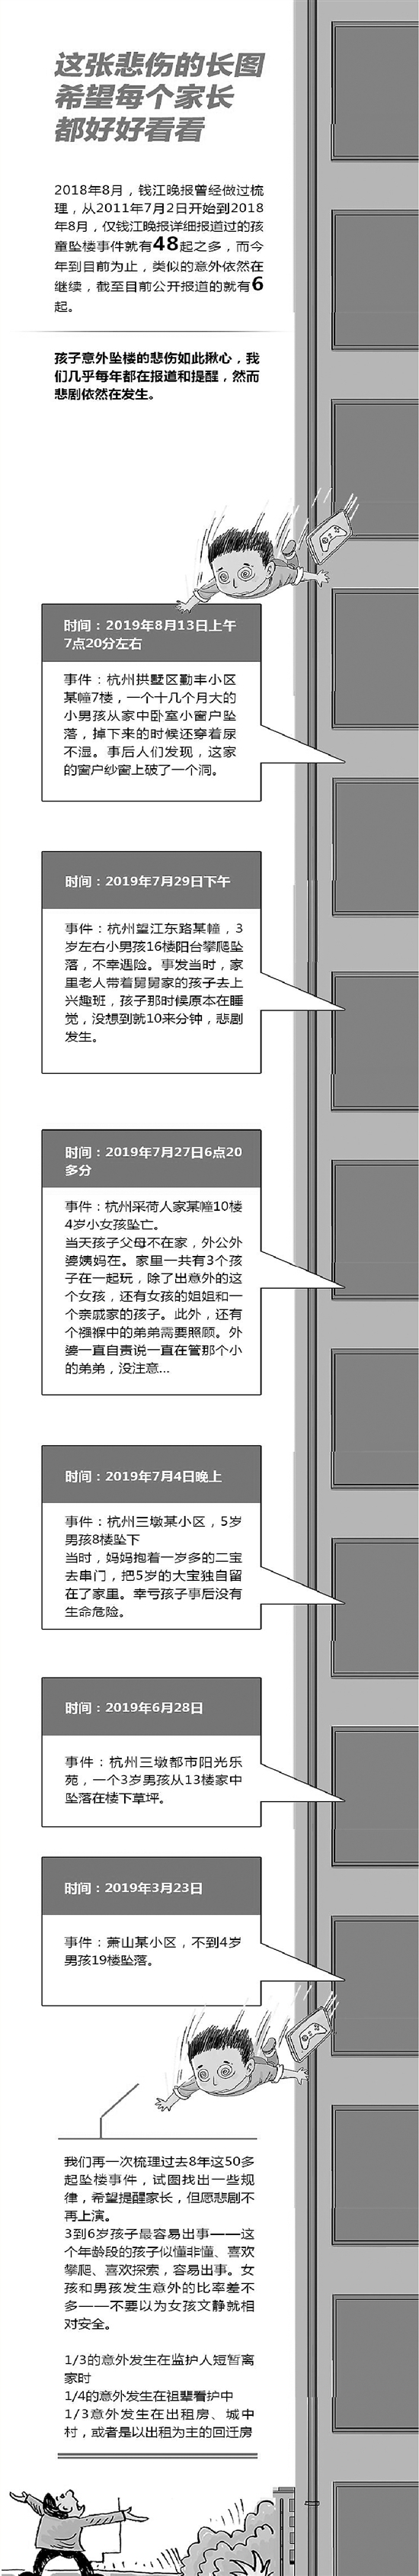 杭州十几个月大的男孩7楼坠亡 妈妈哭得撕心裂肺